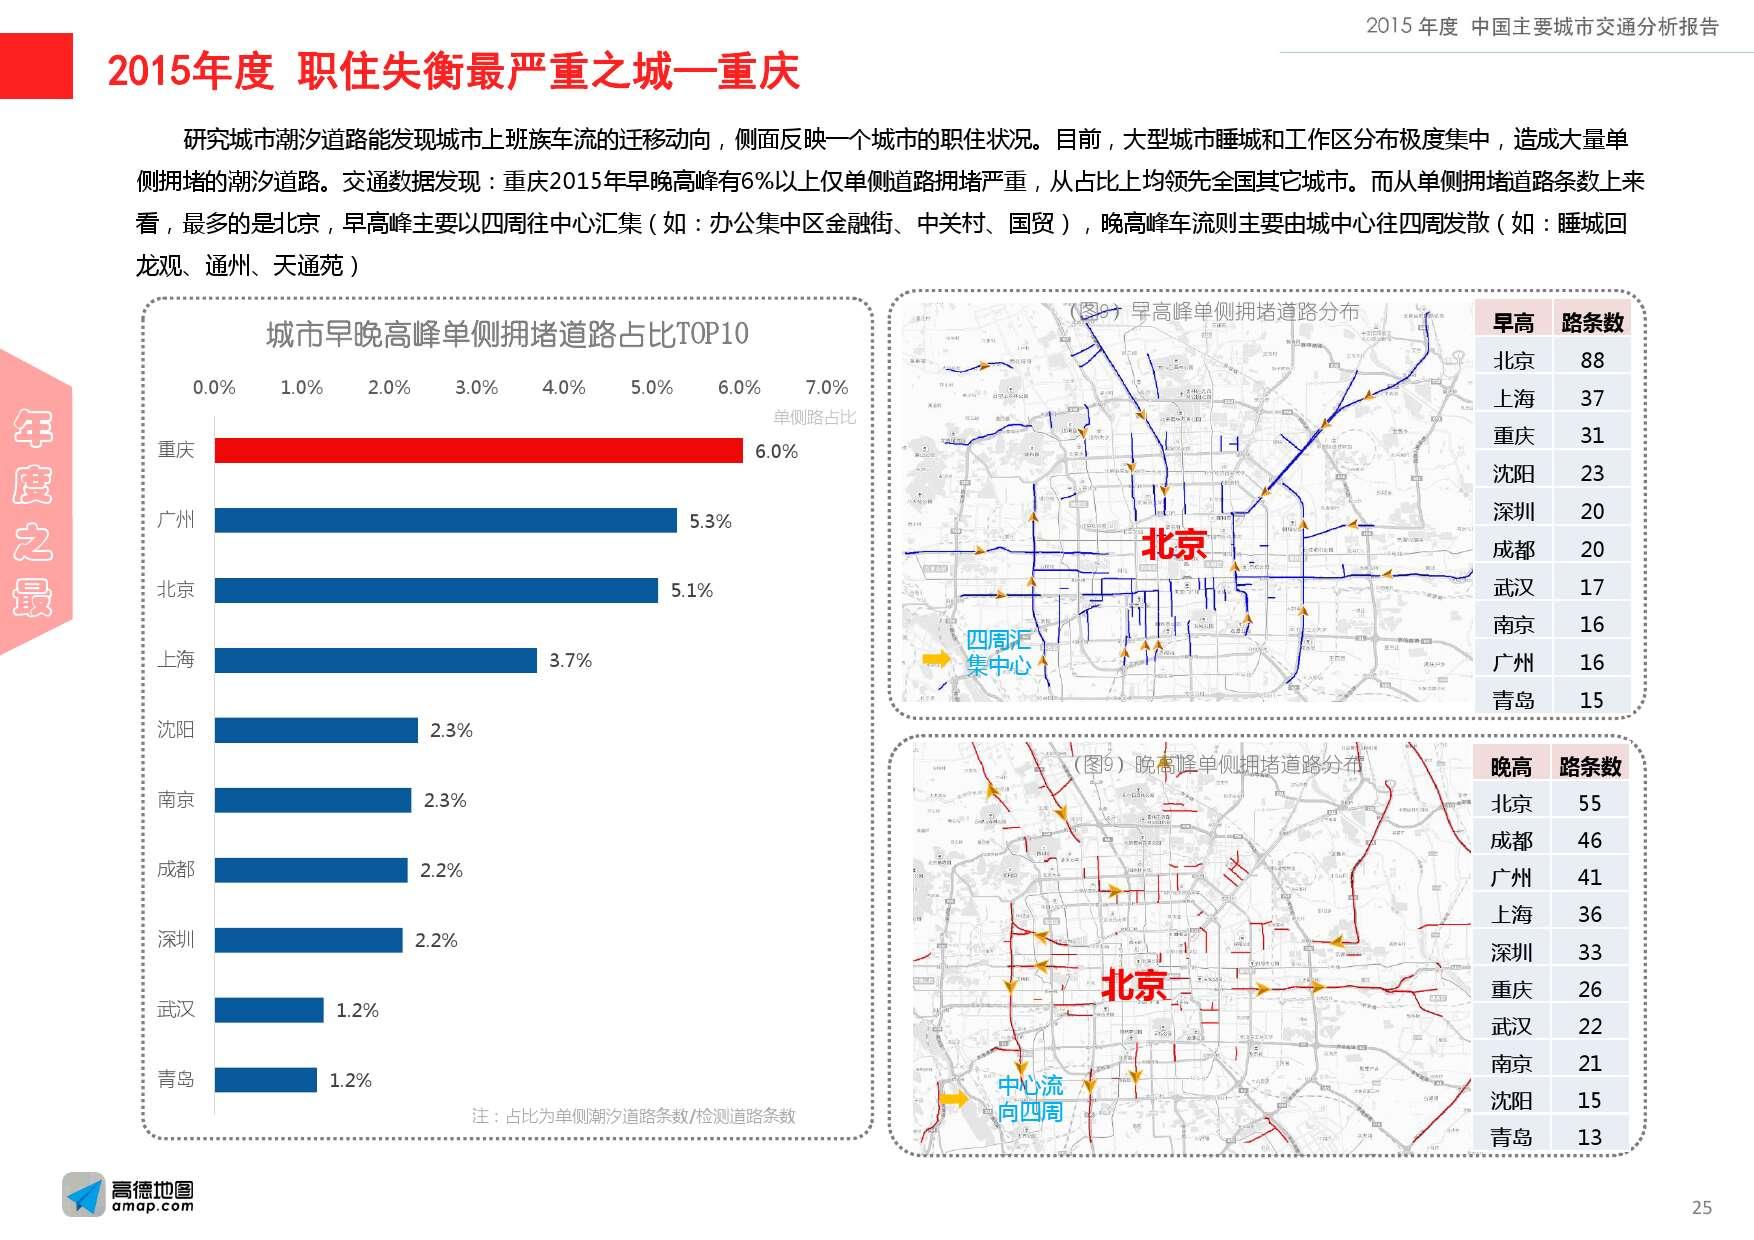 2015年度中国主要城市交通分析报告-final_000025